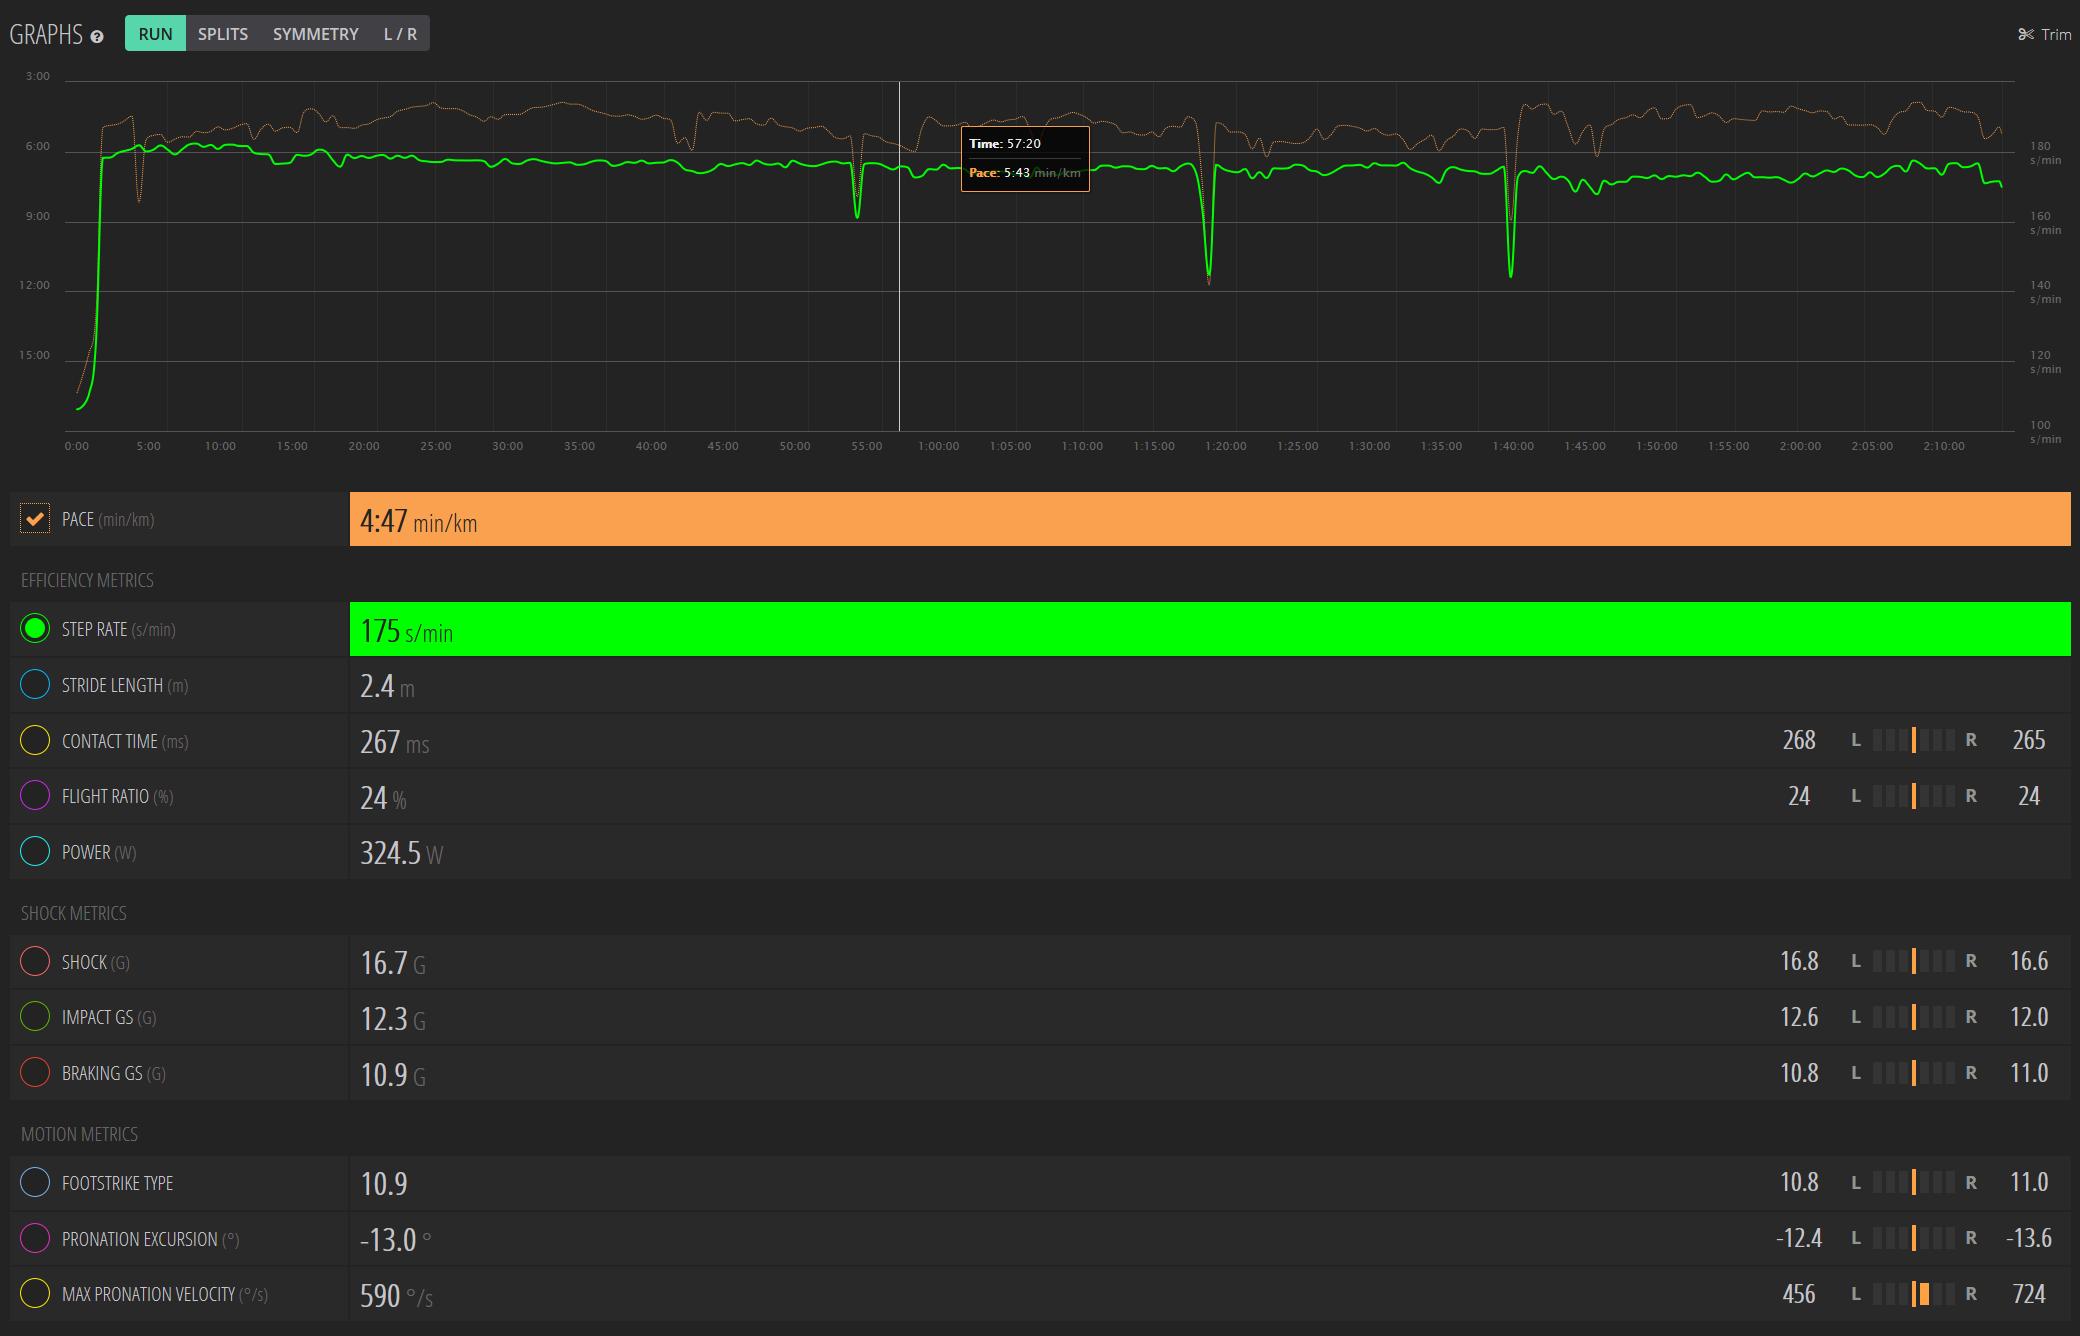 RunScribe-run-graph